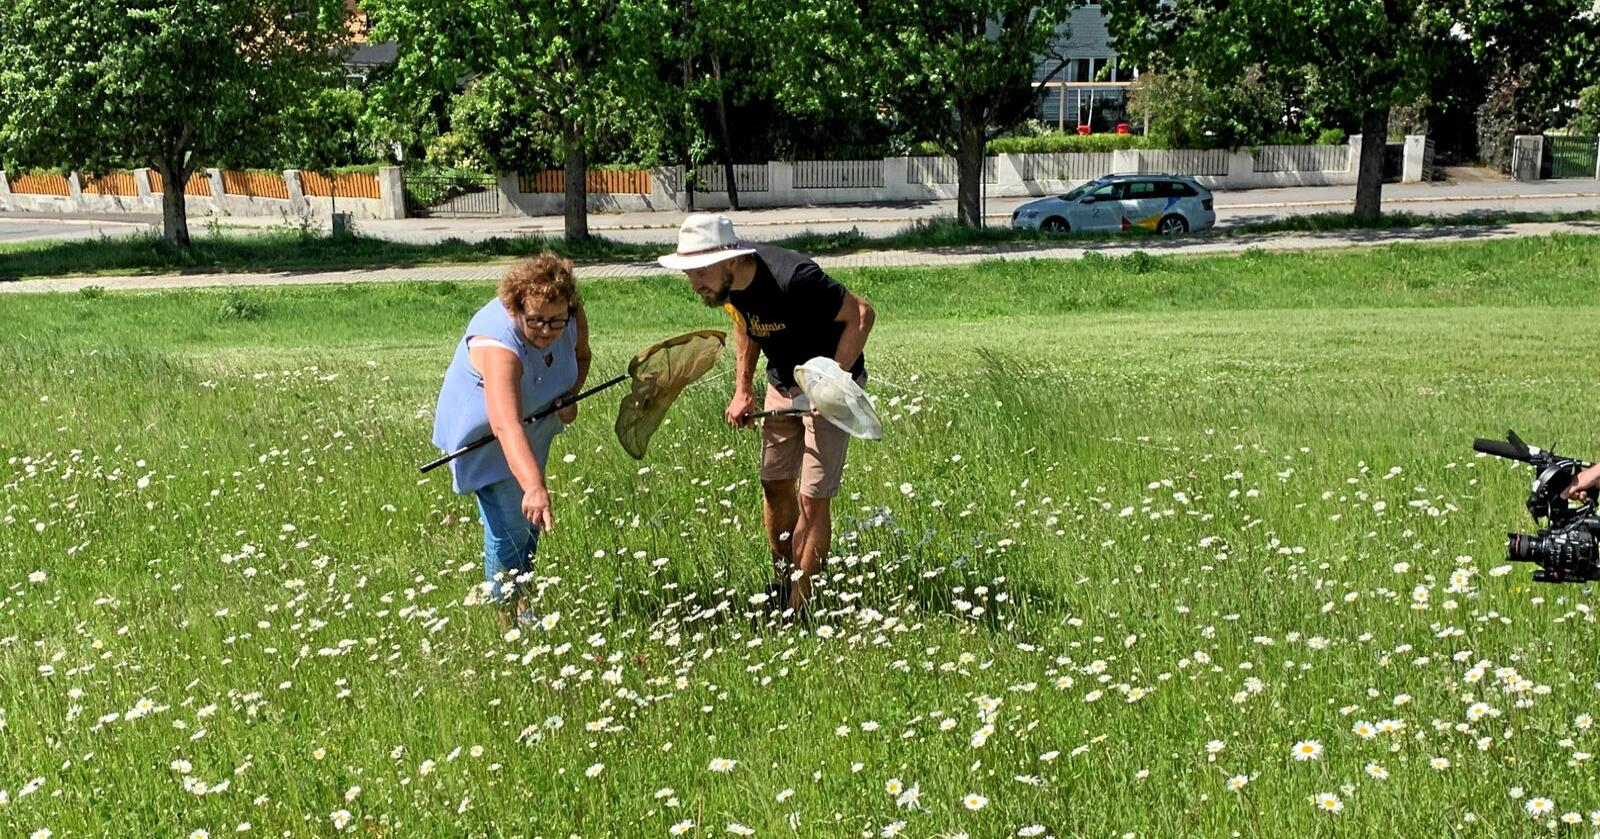 Forskingsprosjektet skal mellom anna sikre at humlene og andre pollinerande insekt får ein plass å vere. Å gå frå plen til blomstereng, er som å gå frå ørken til oase, blir det sagt. Foto: Andrea Sørøy